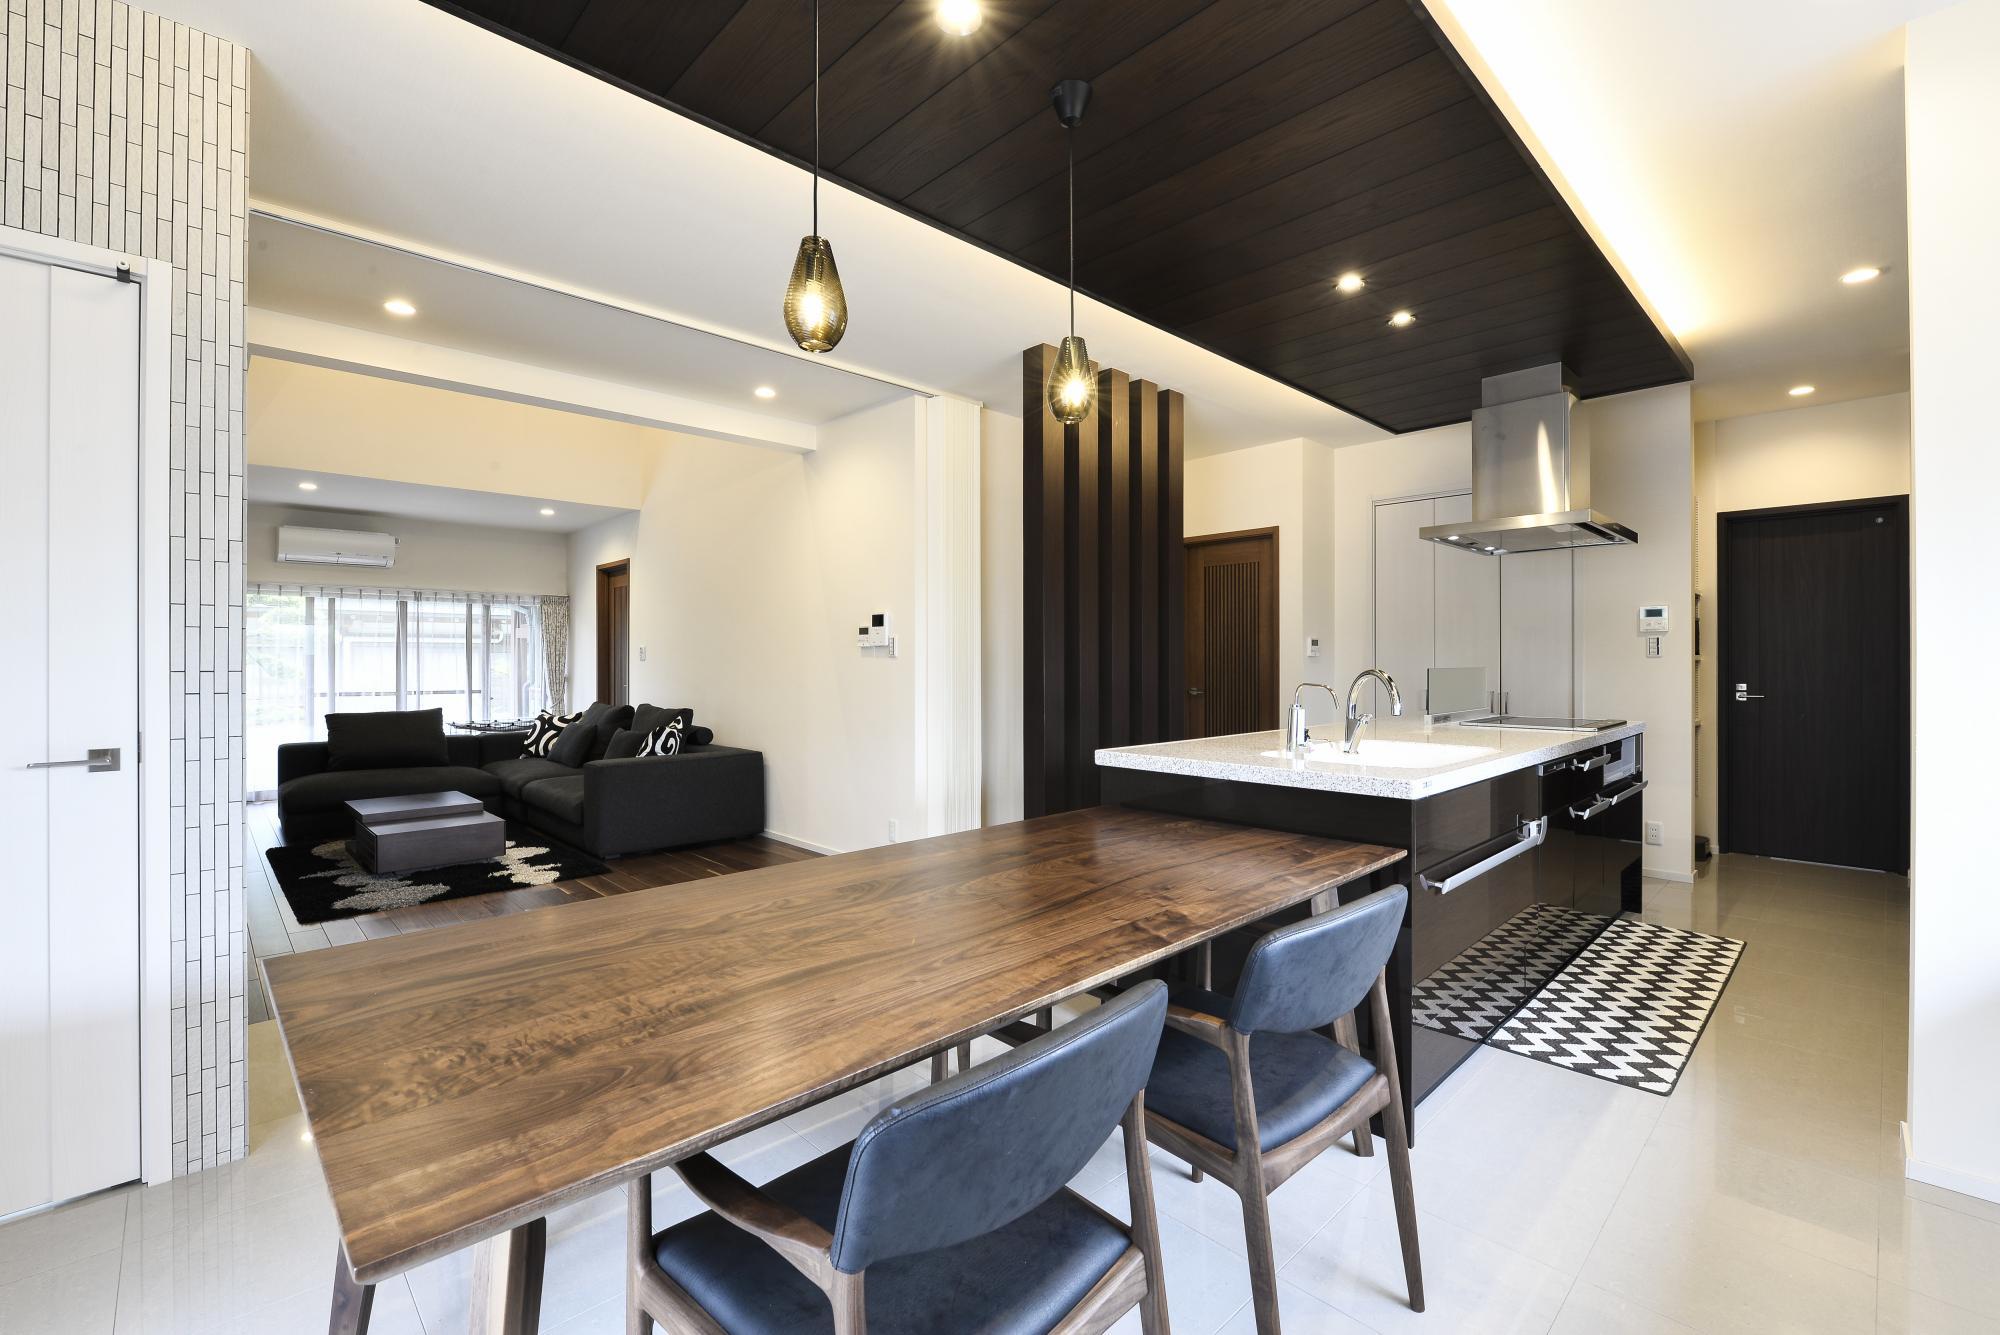 以前のキッチンと二間の和室を連続させた約30帖のLDKに。深い色合いが魅力のオーク材を用いた折り下げ天井や要所の柱が、アイボリーで統一された空間にシャープなラインを描き、アーバンモダンな雰囲気を演出。アイランドキッチンとフロアの石目調タイルは奥様のセンスで選んだものだとか。